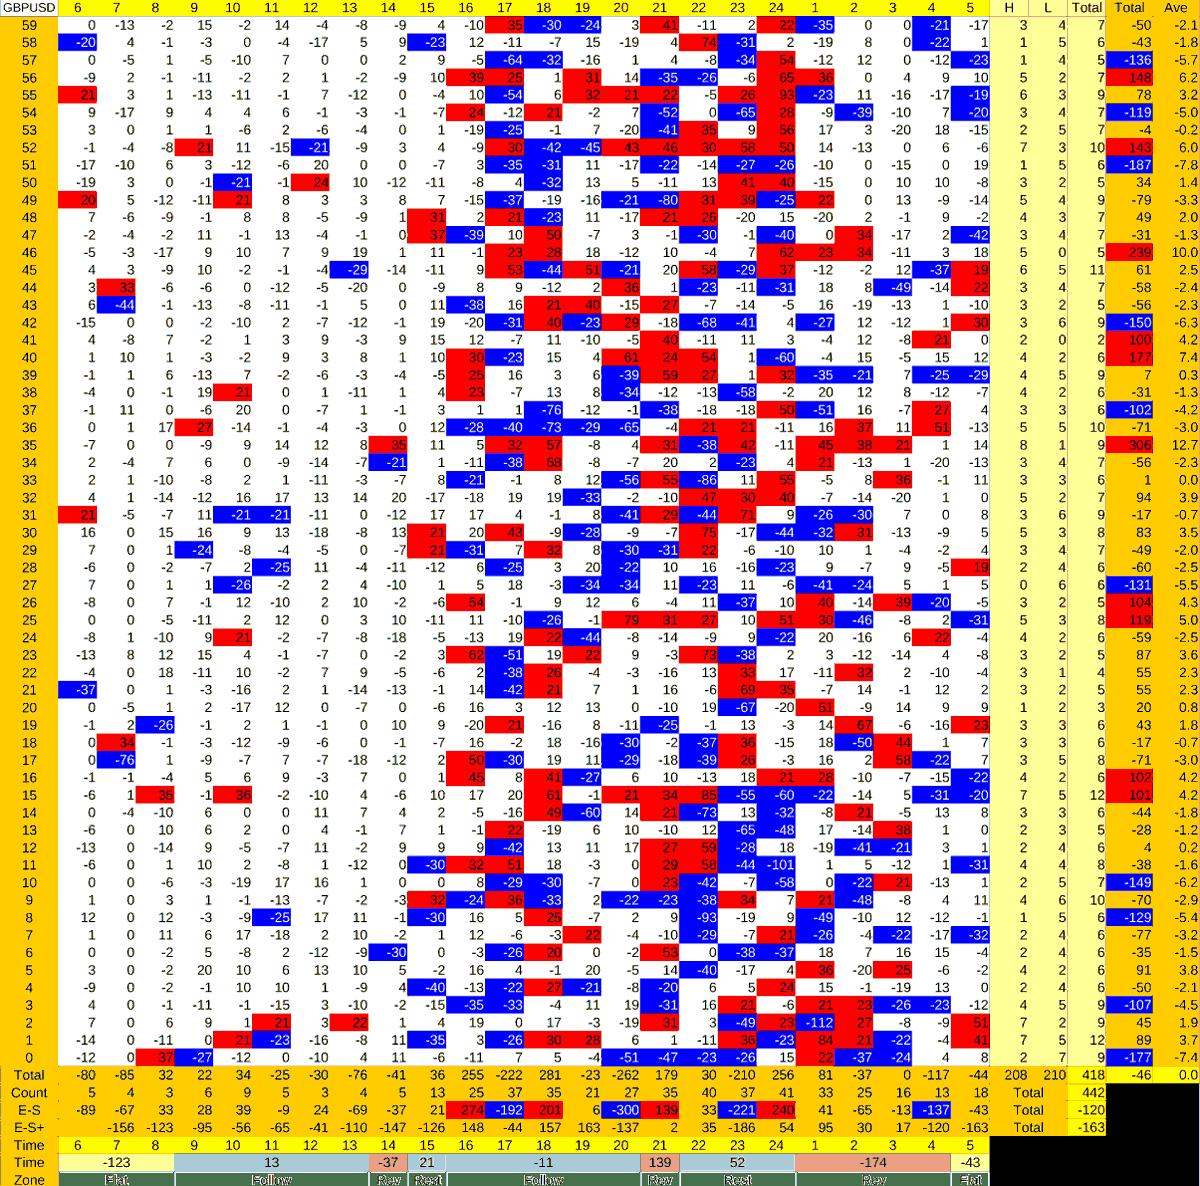 20210303_HS(2)GBPUSD